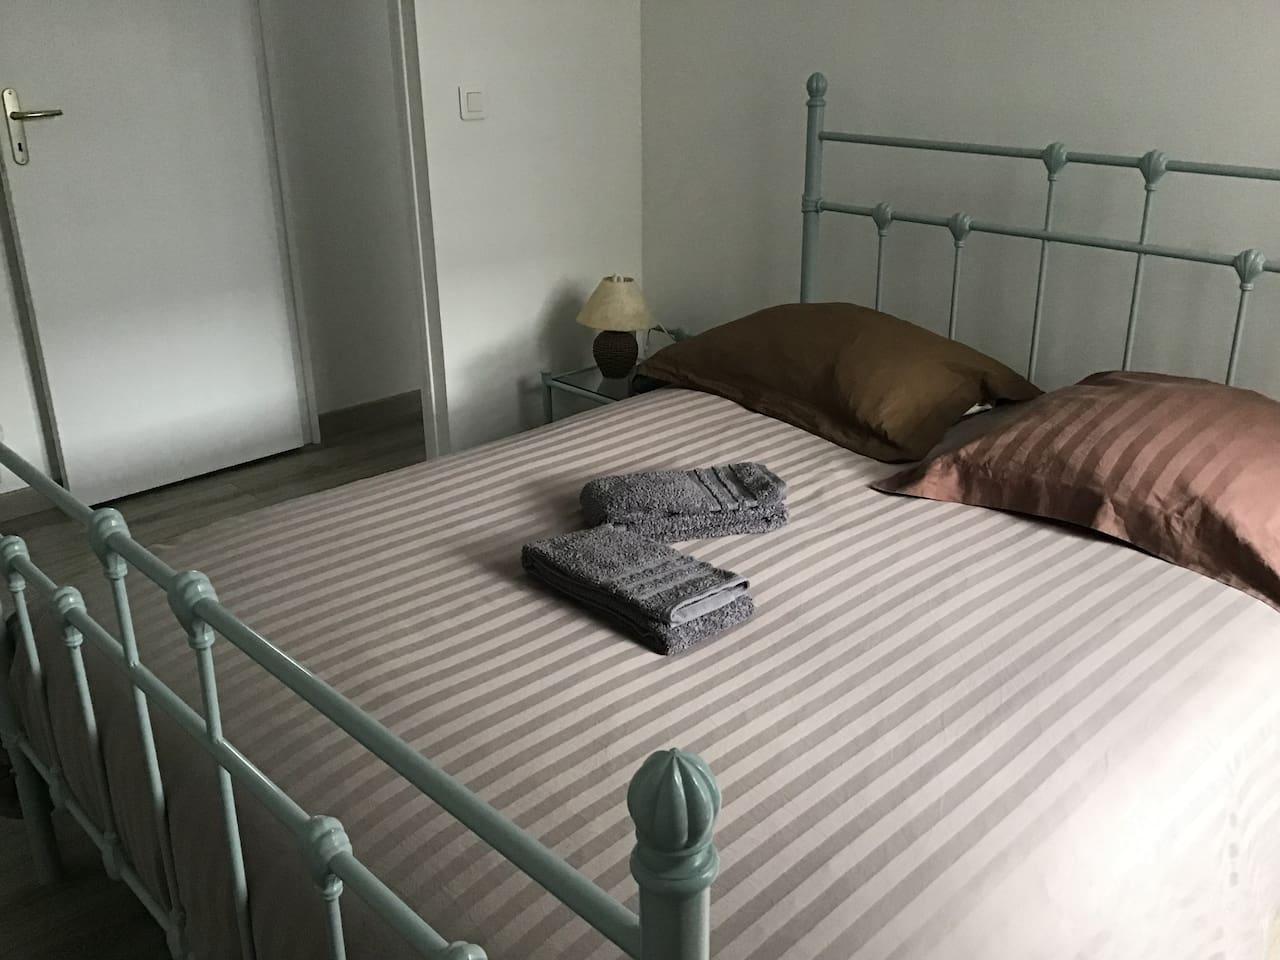 Votre Chambre Privée (Your Private Room)